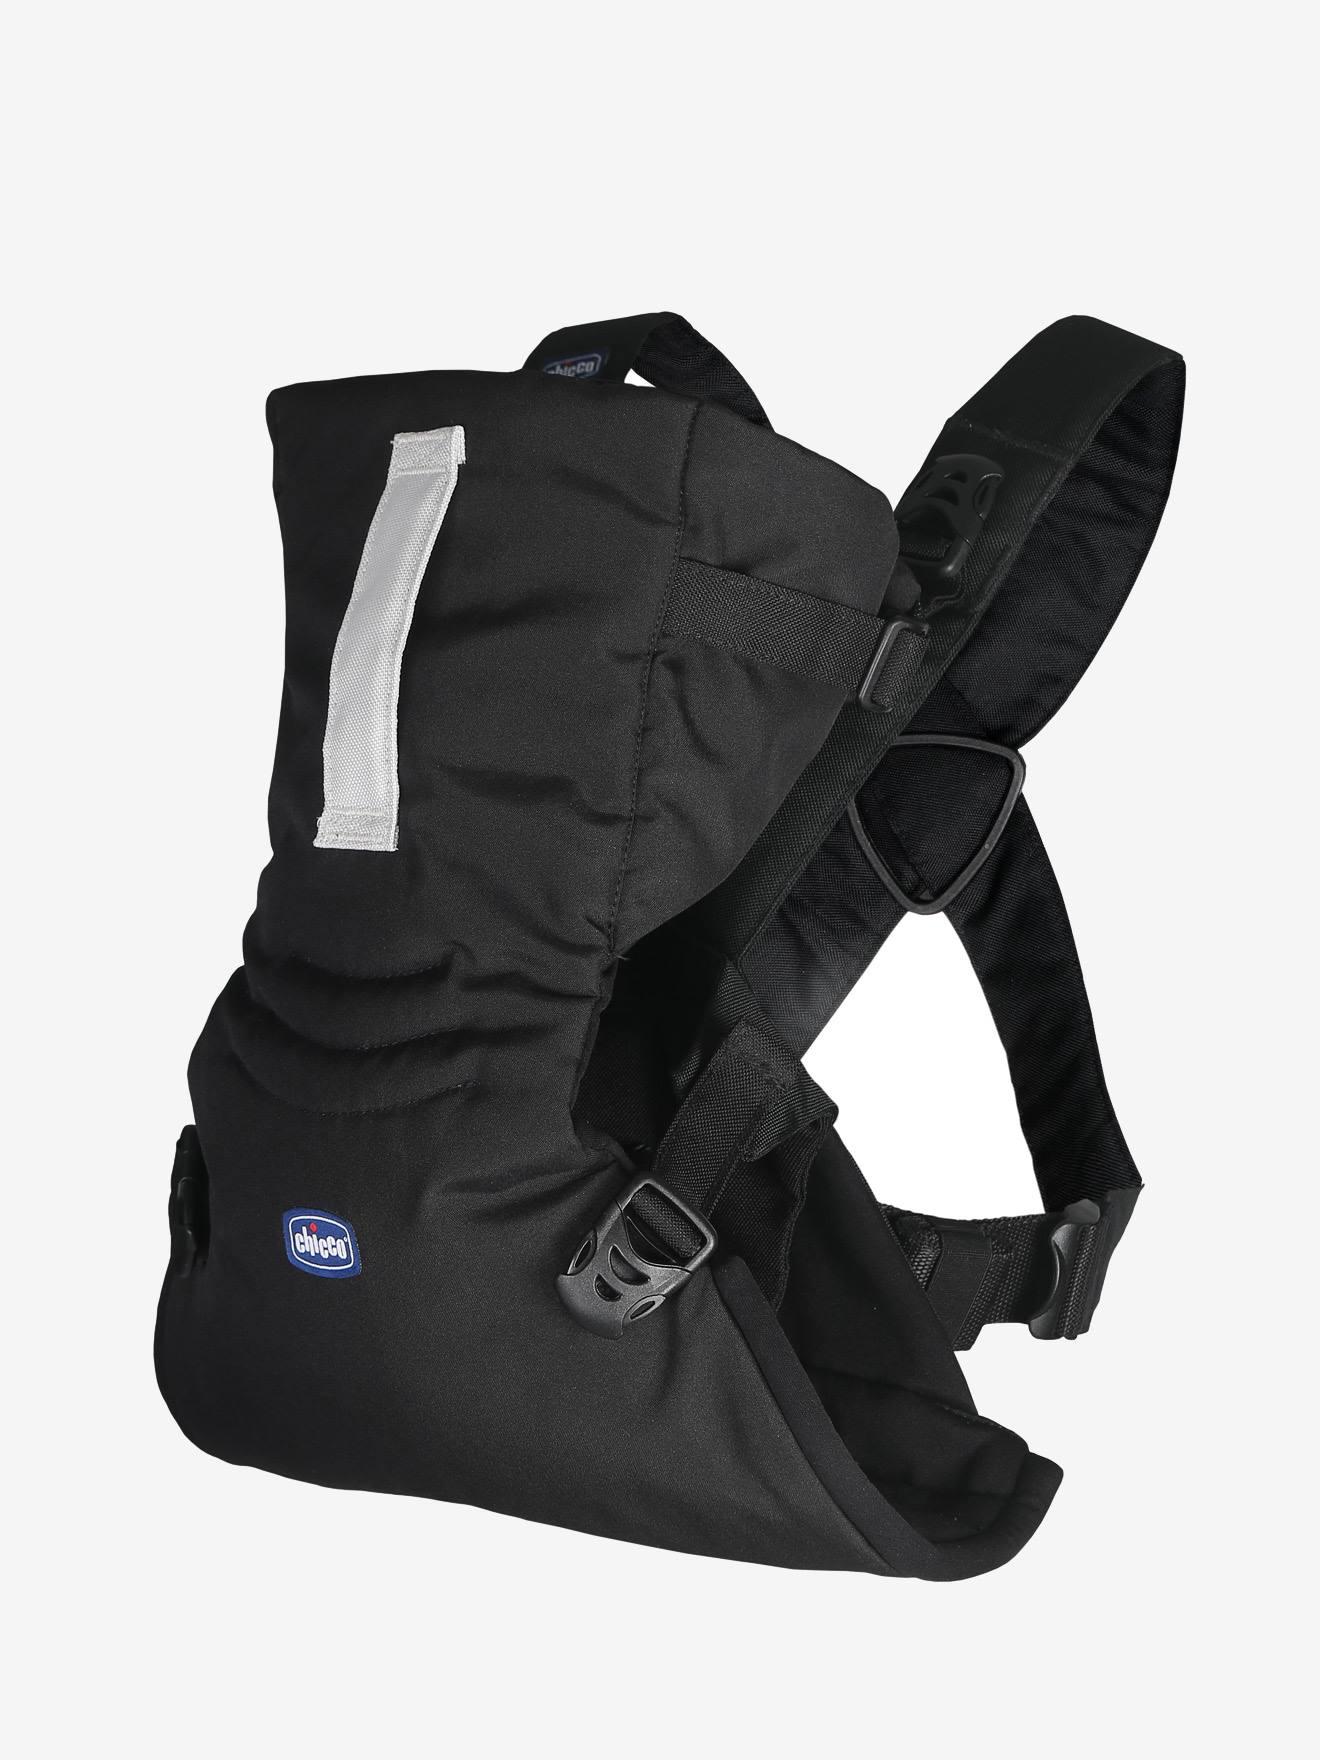 Porte-bébé ergonomique CHICCO Easyfit noir 4b0bbf83b75